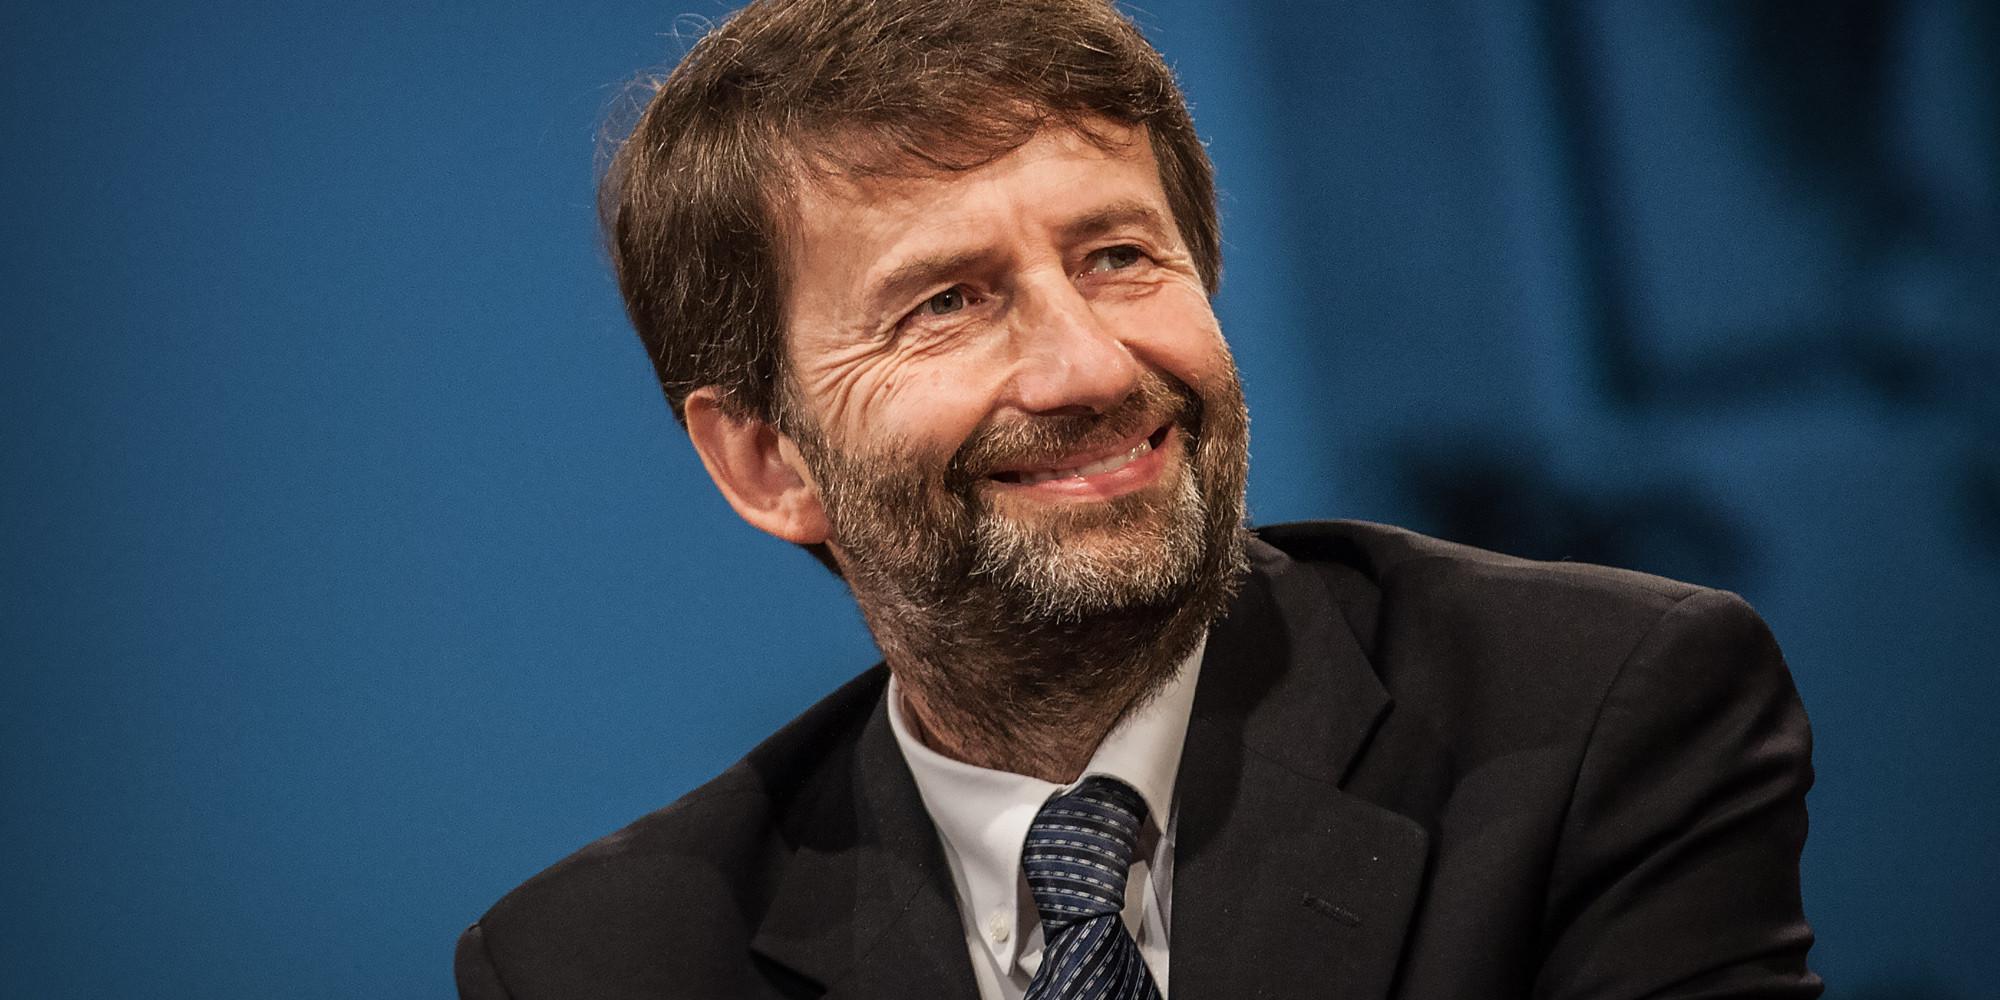 DARIO FRANCESCHINI - Tv. Riforma Tusmar: proposta di raddoppio quote investimenti in opere italiane ed europee, è polemica con i broadcaster